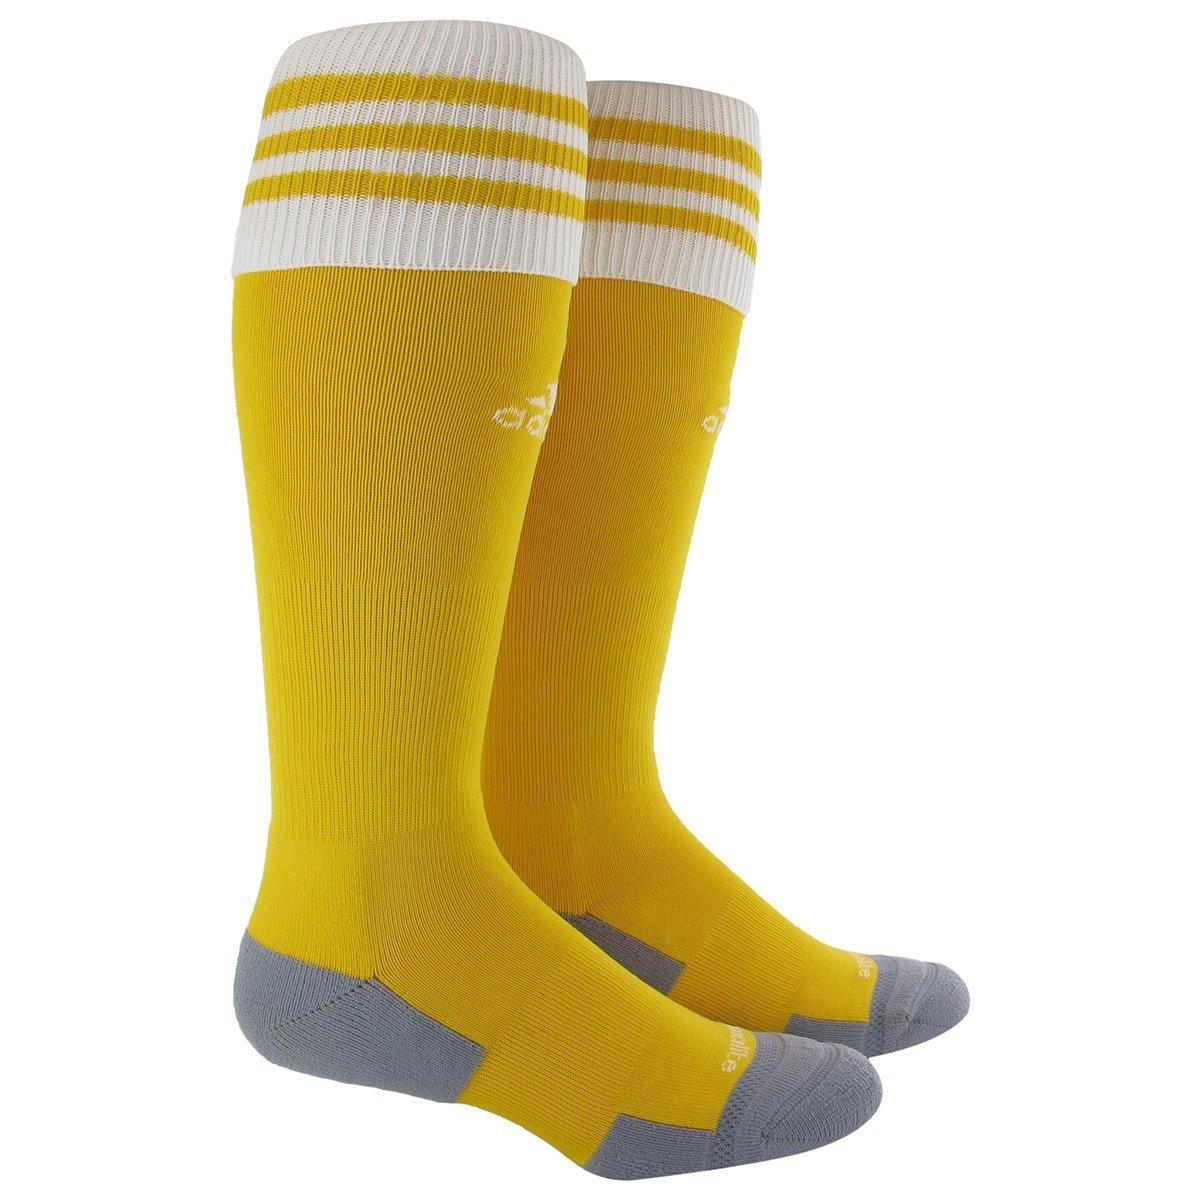 adidas Copa Zone Cushion II Sock, Sunshine/White, Large by adidas